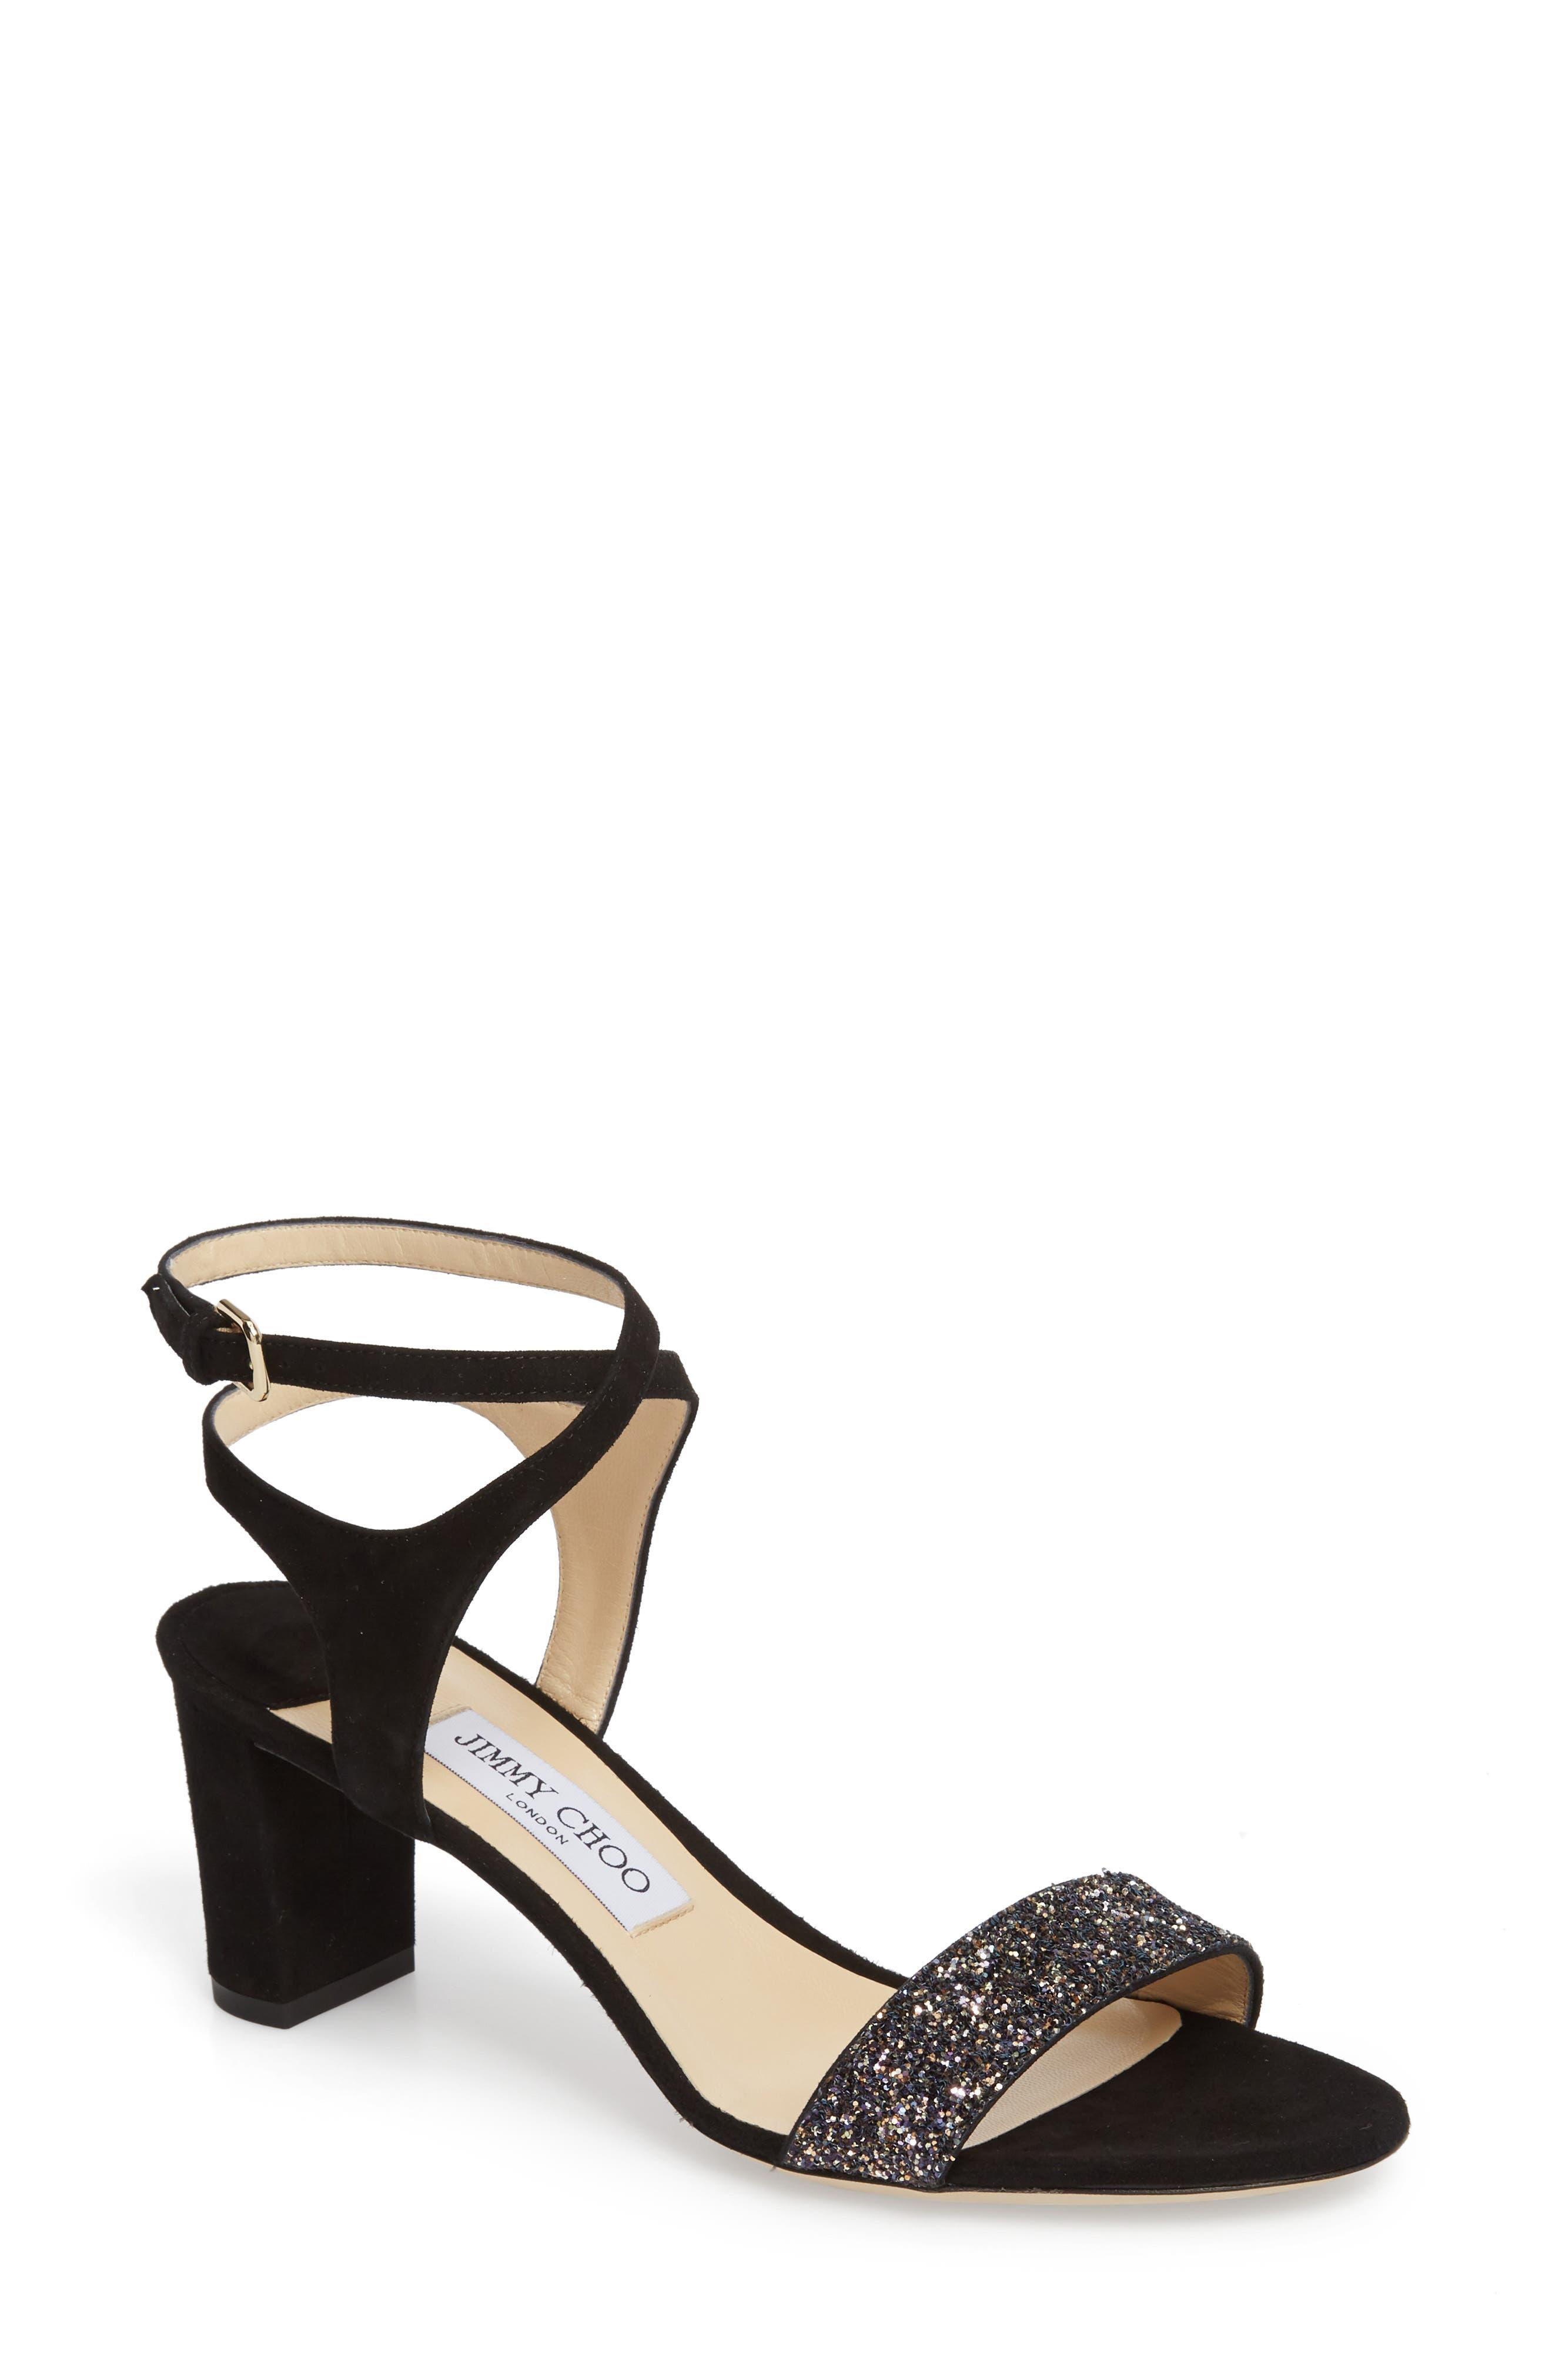 Marine Sandal,                         Main,                         color, BLACK/ TWILIGHT